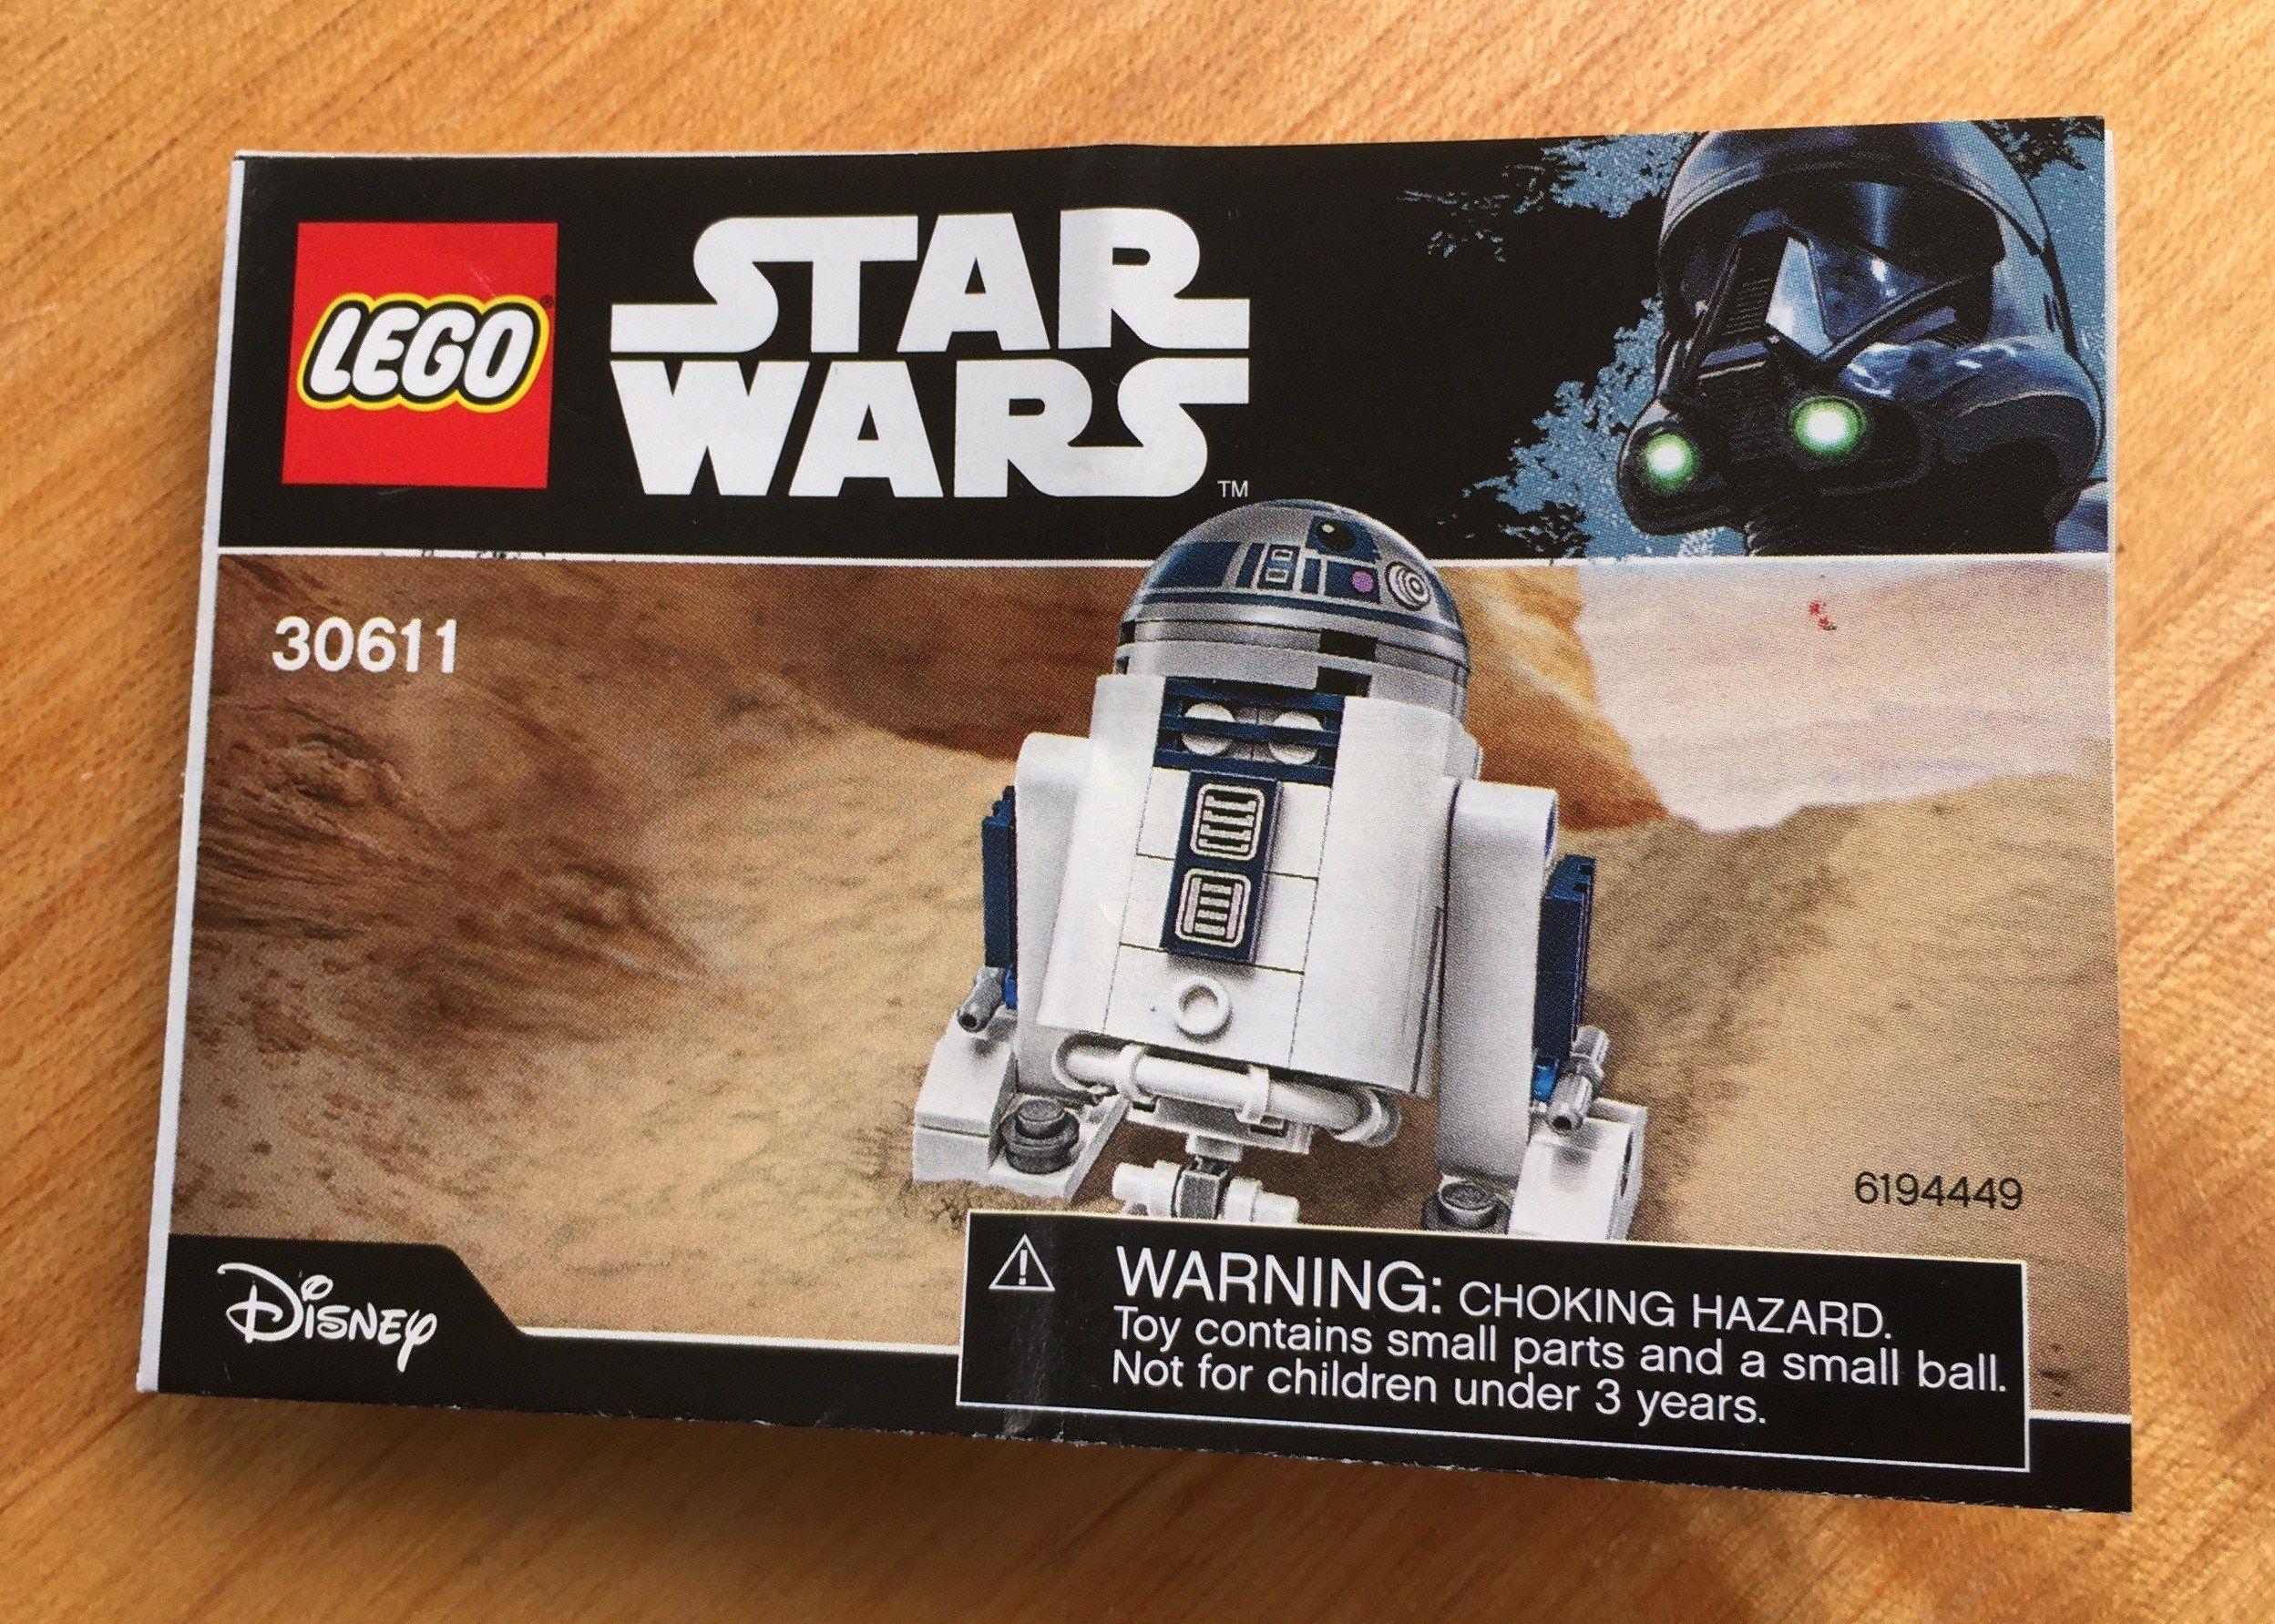 Lego Star Wars 30611 R2 D2 Toy Reviews Lego Lego